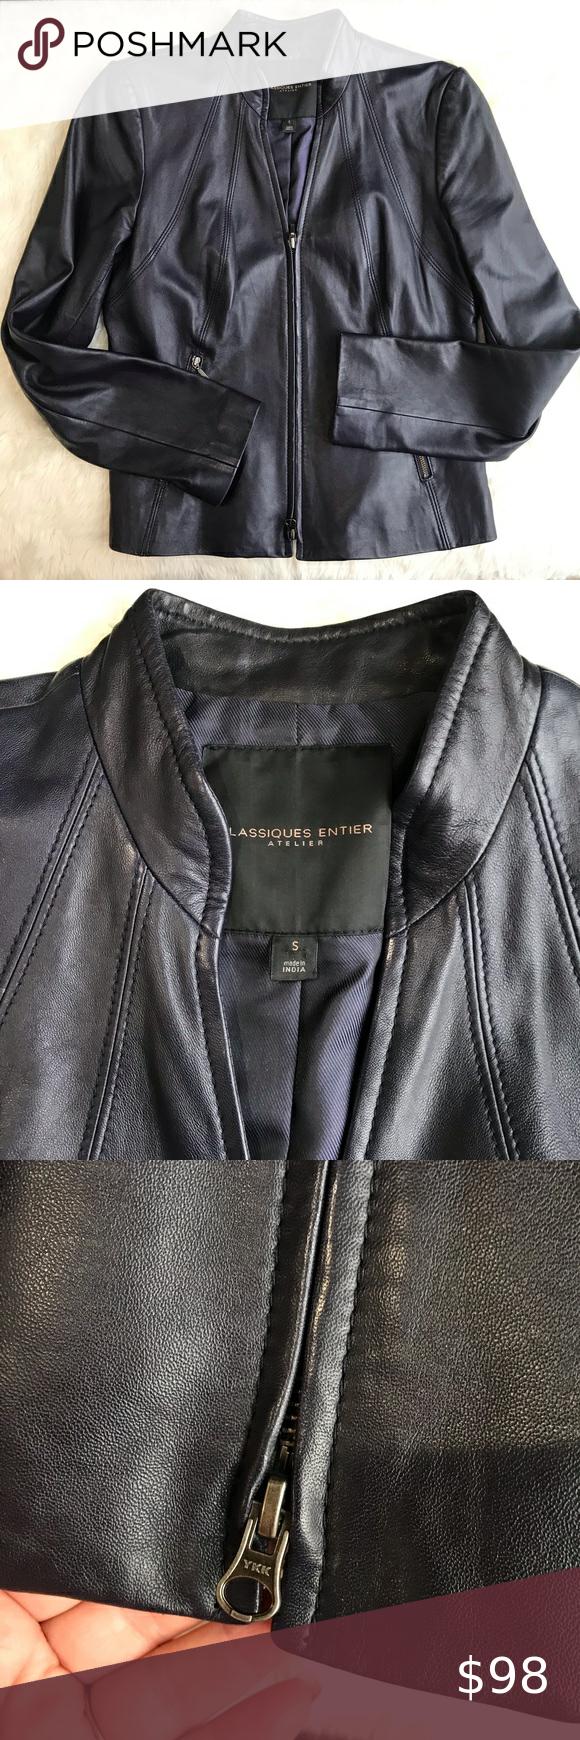 Classiques Entier Atelier Blue Leather Jacket In 2021 Blue Leather Jacket Vest Fashion Leather Jacket